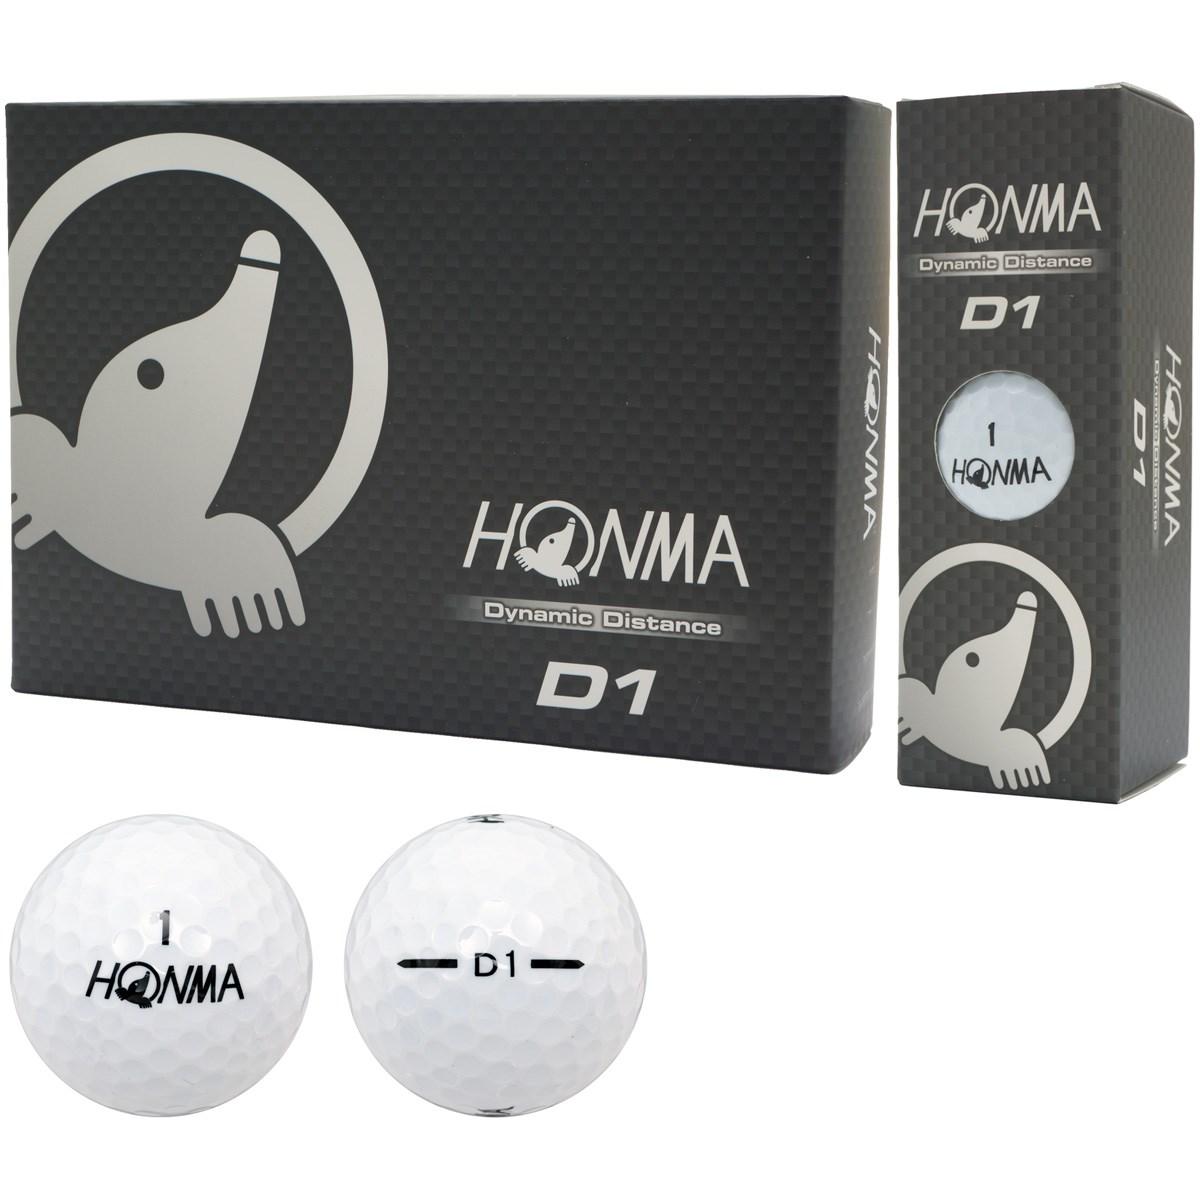 本間ゴルフ(HONMA GOLF) D1 ボール 2016年モデル 3ダースセット